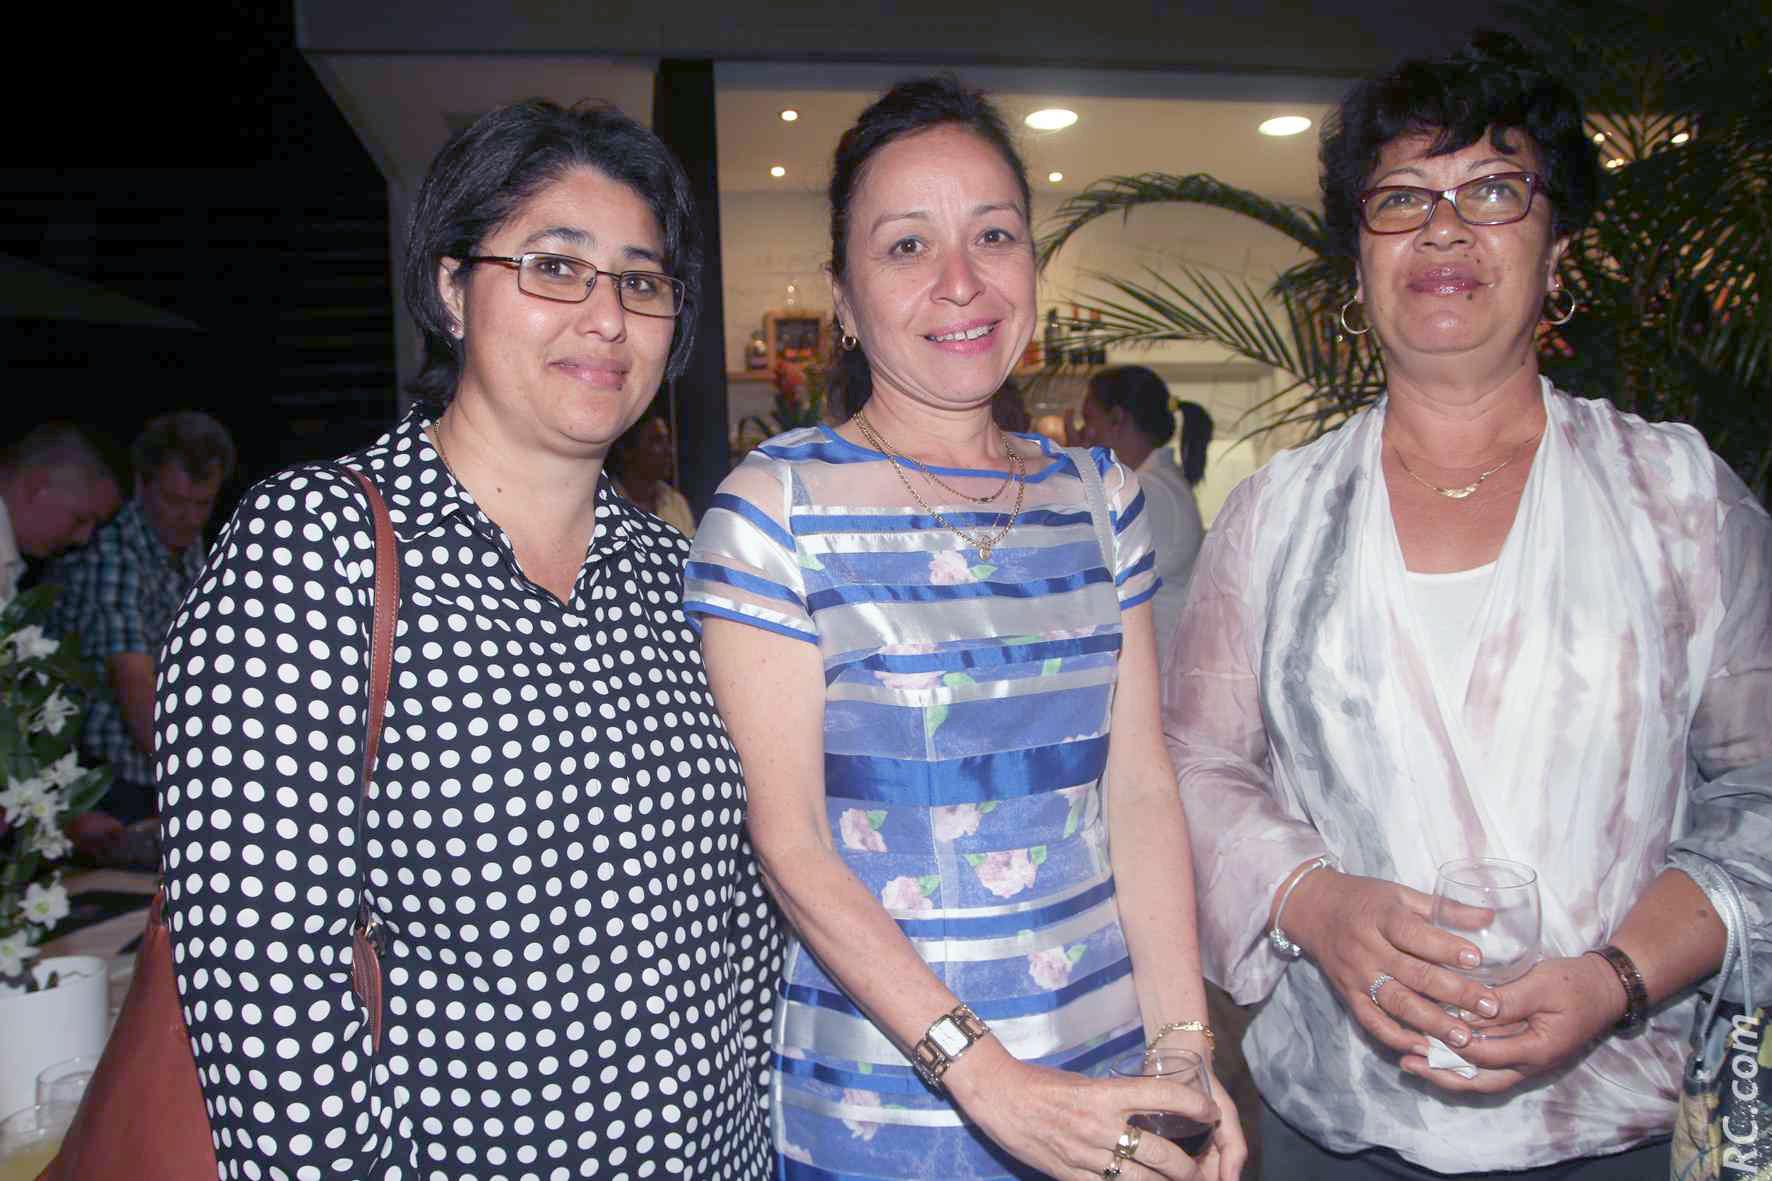 Aline Fong Kaye, directrice du Kono-Kono, Nathalie Biram, directrice de Air-Mauritius de Rodrigues, et Méricie Limock, directrice d'école et propriétaire du Guest House le Manoir